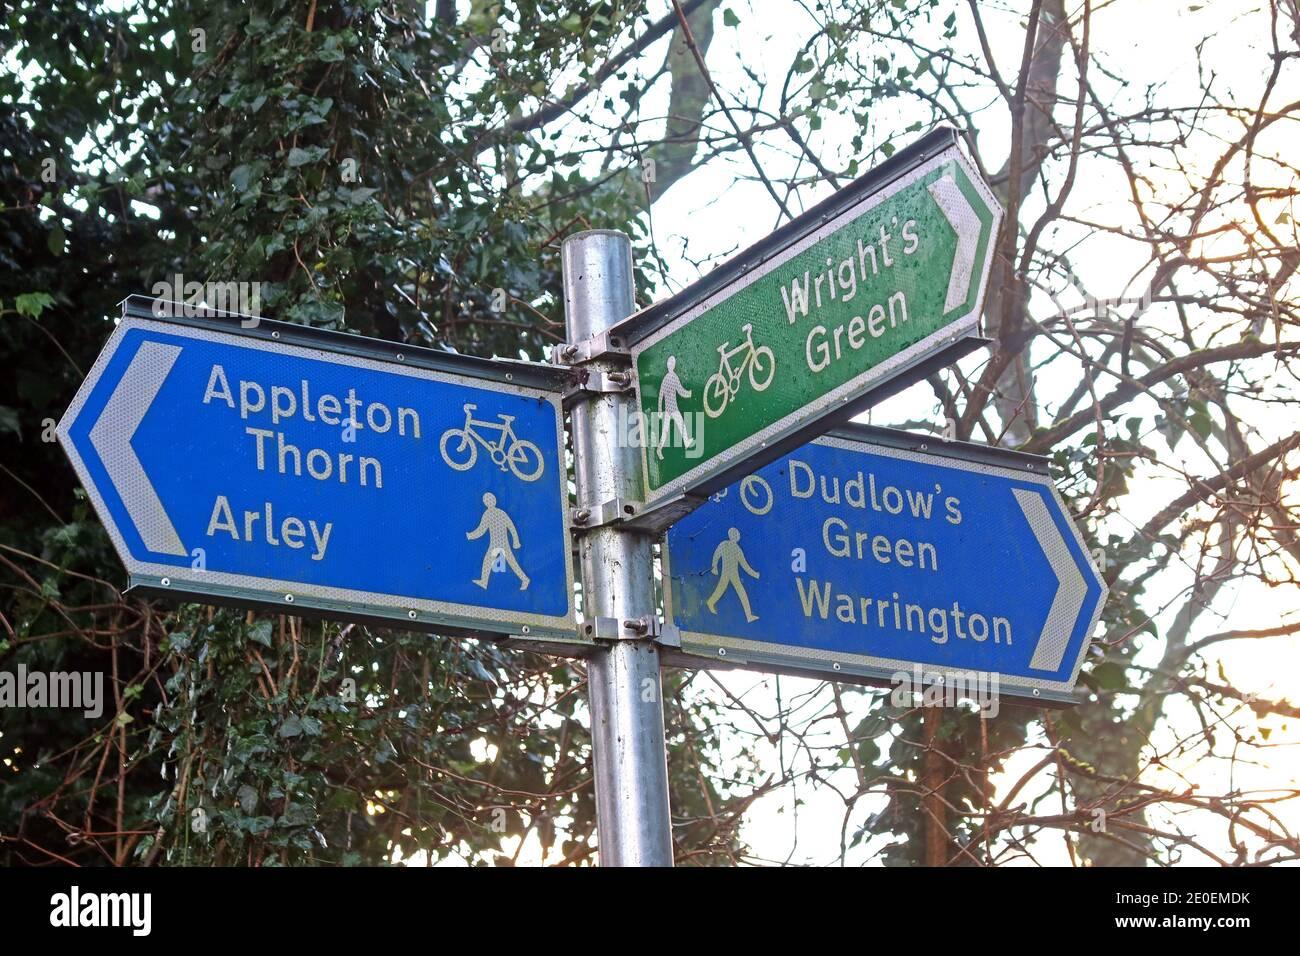 Dieses Stockfoto: Appleton Radweg Schild, Wanderer, Radfahrer, Appleton Thorn, Arley, Dudlows Green, Wrights Green, Warrington, Cheshire, England, Großbritannien - 2E0EMD